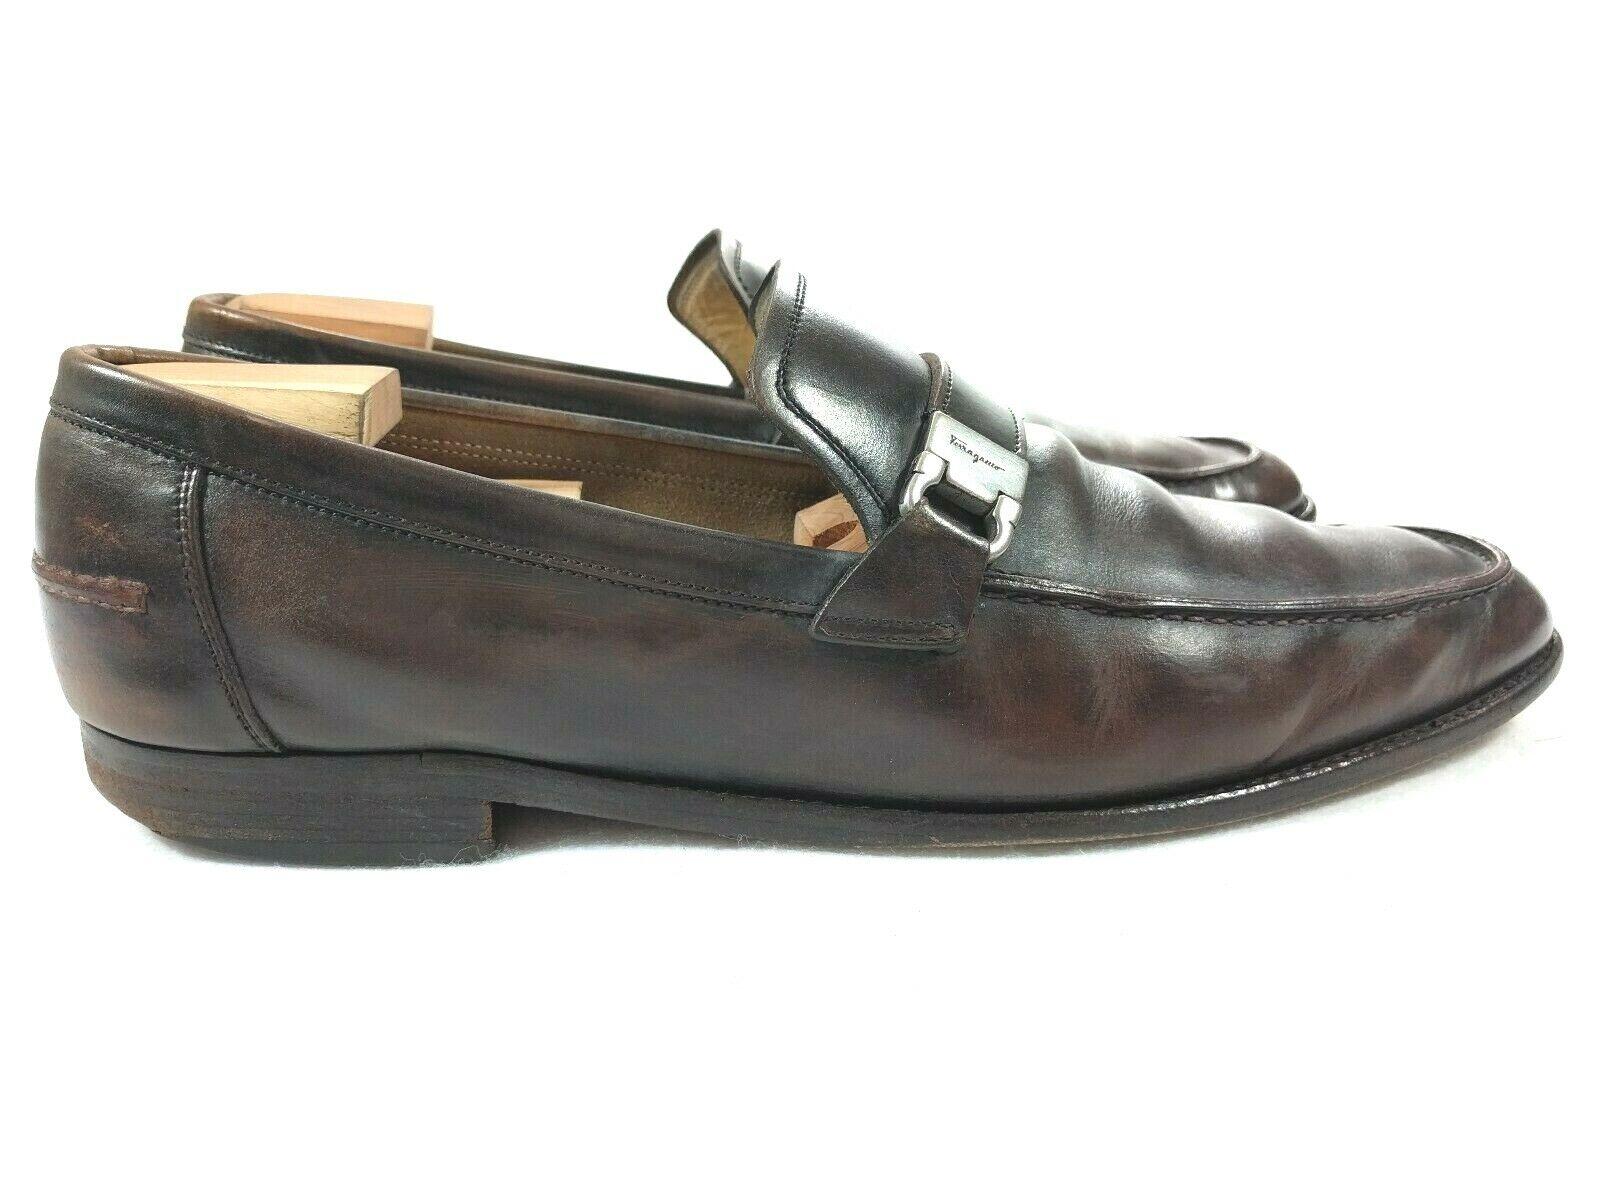 Ferragamo  Italia Mens Marronee Dress Lofers Strap Buckle scarpe 11.5  a prezzi accessibili